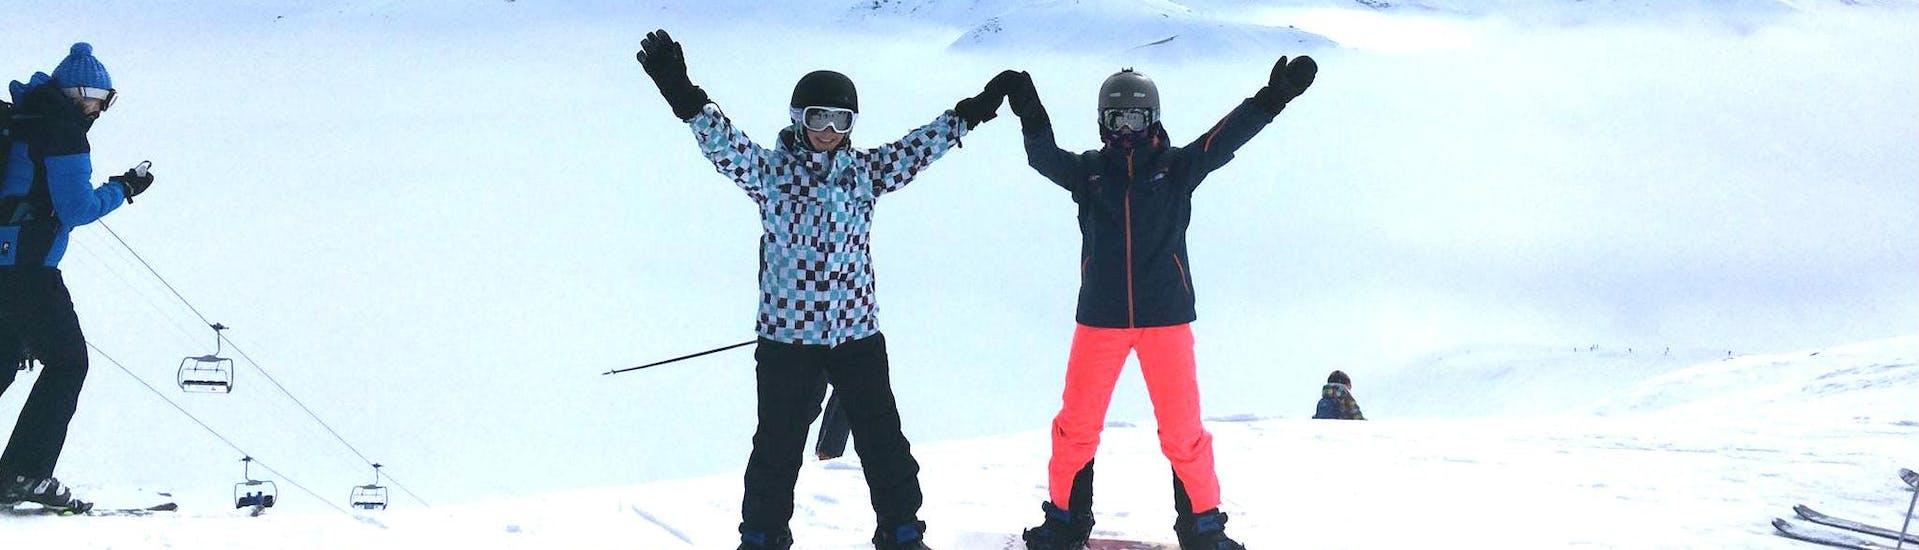 Curso de snowboard a partir de 8 años para avanzados